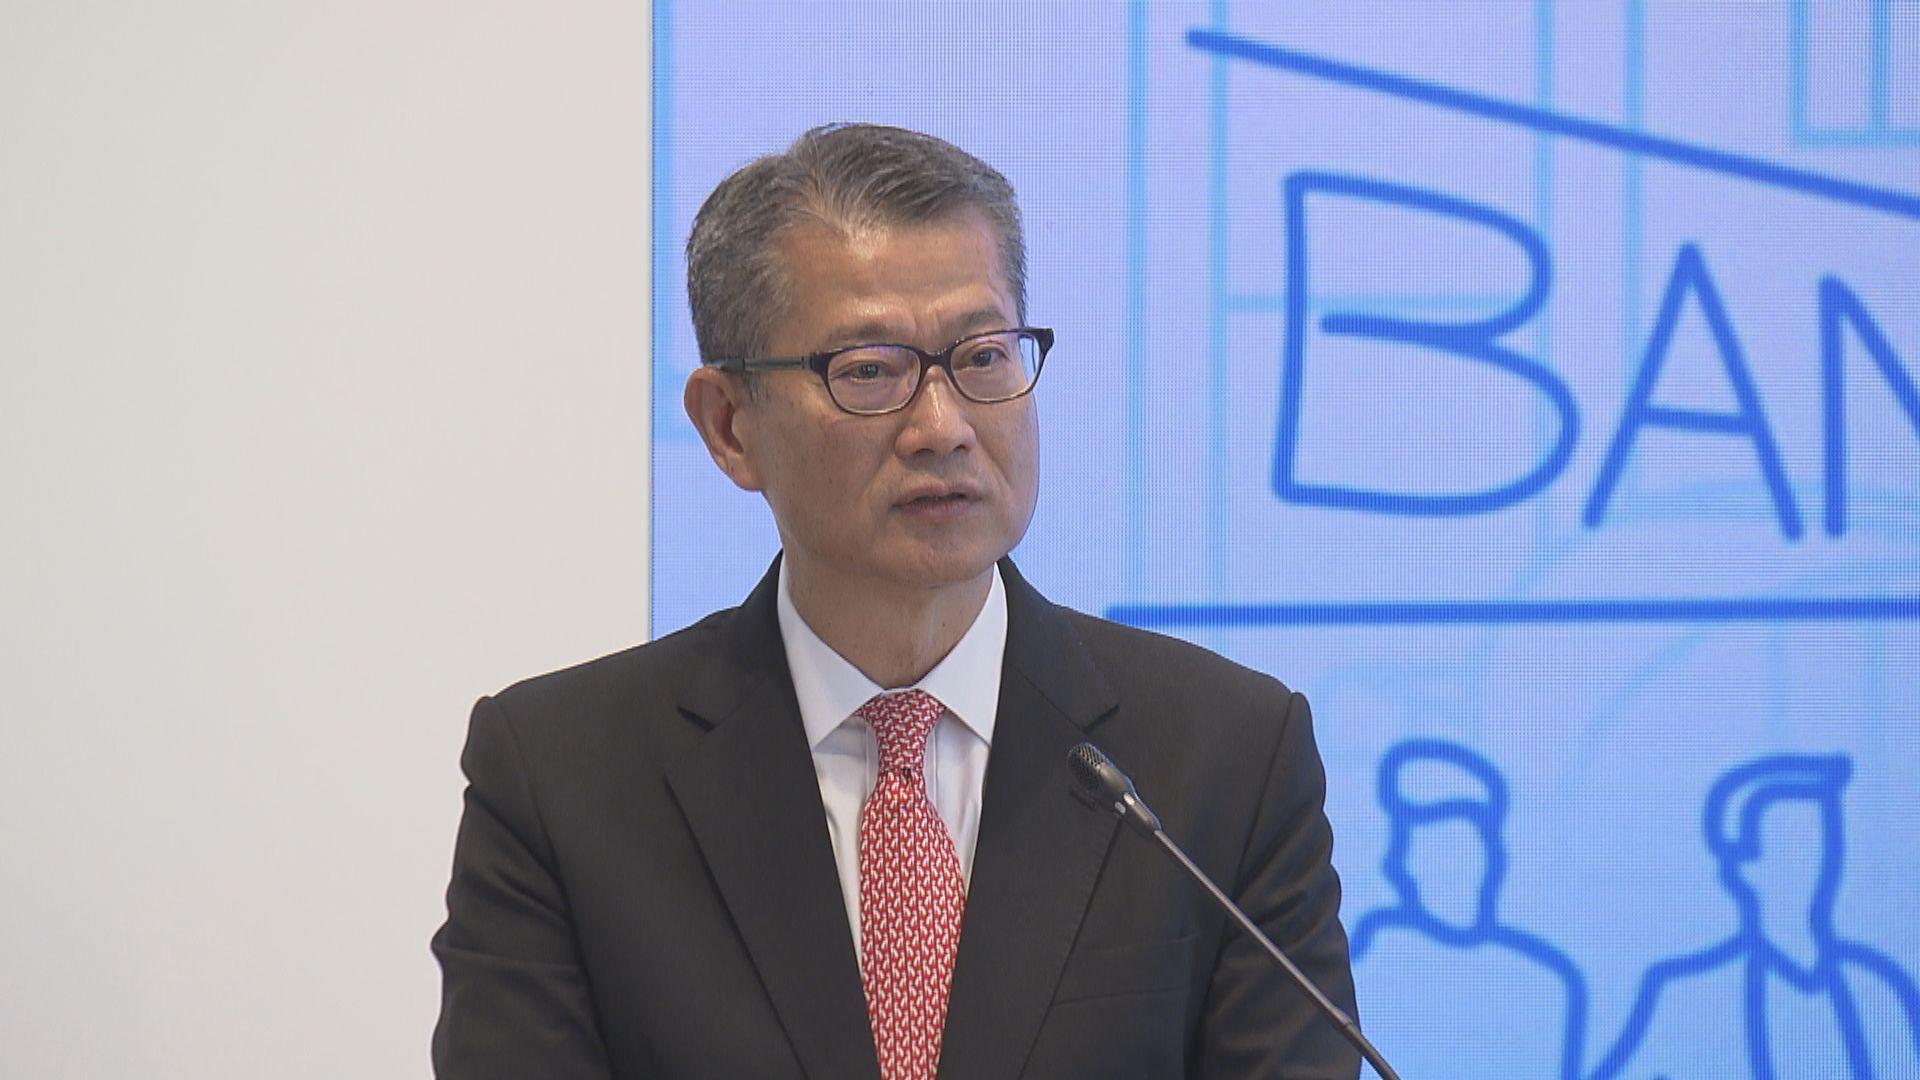 陳茂波:研放寛按揭成數不宜訂硬性時限或指標